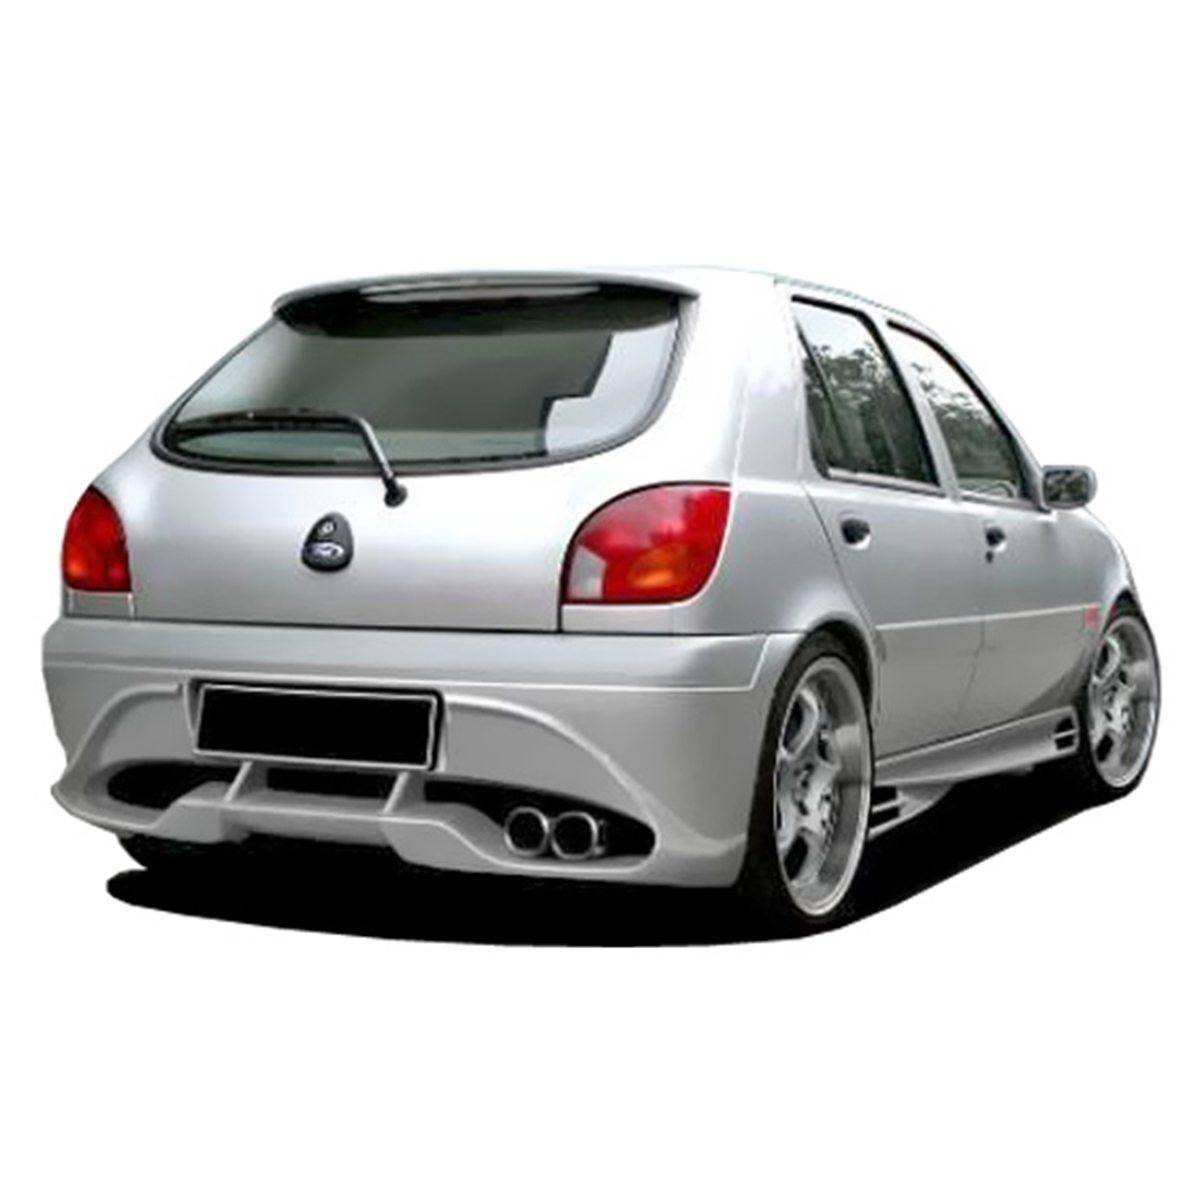 Ford-Fiesta-01-LKA-Tras-PCS078